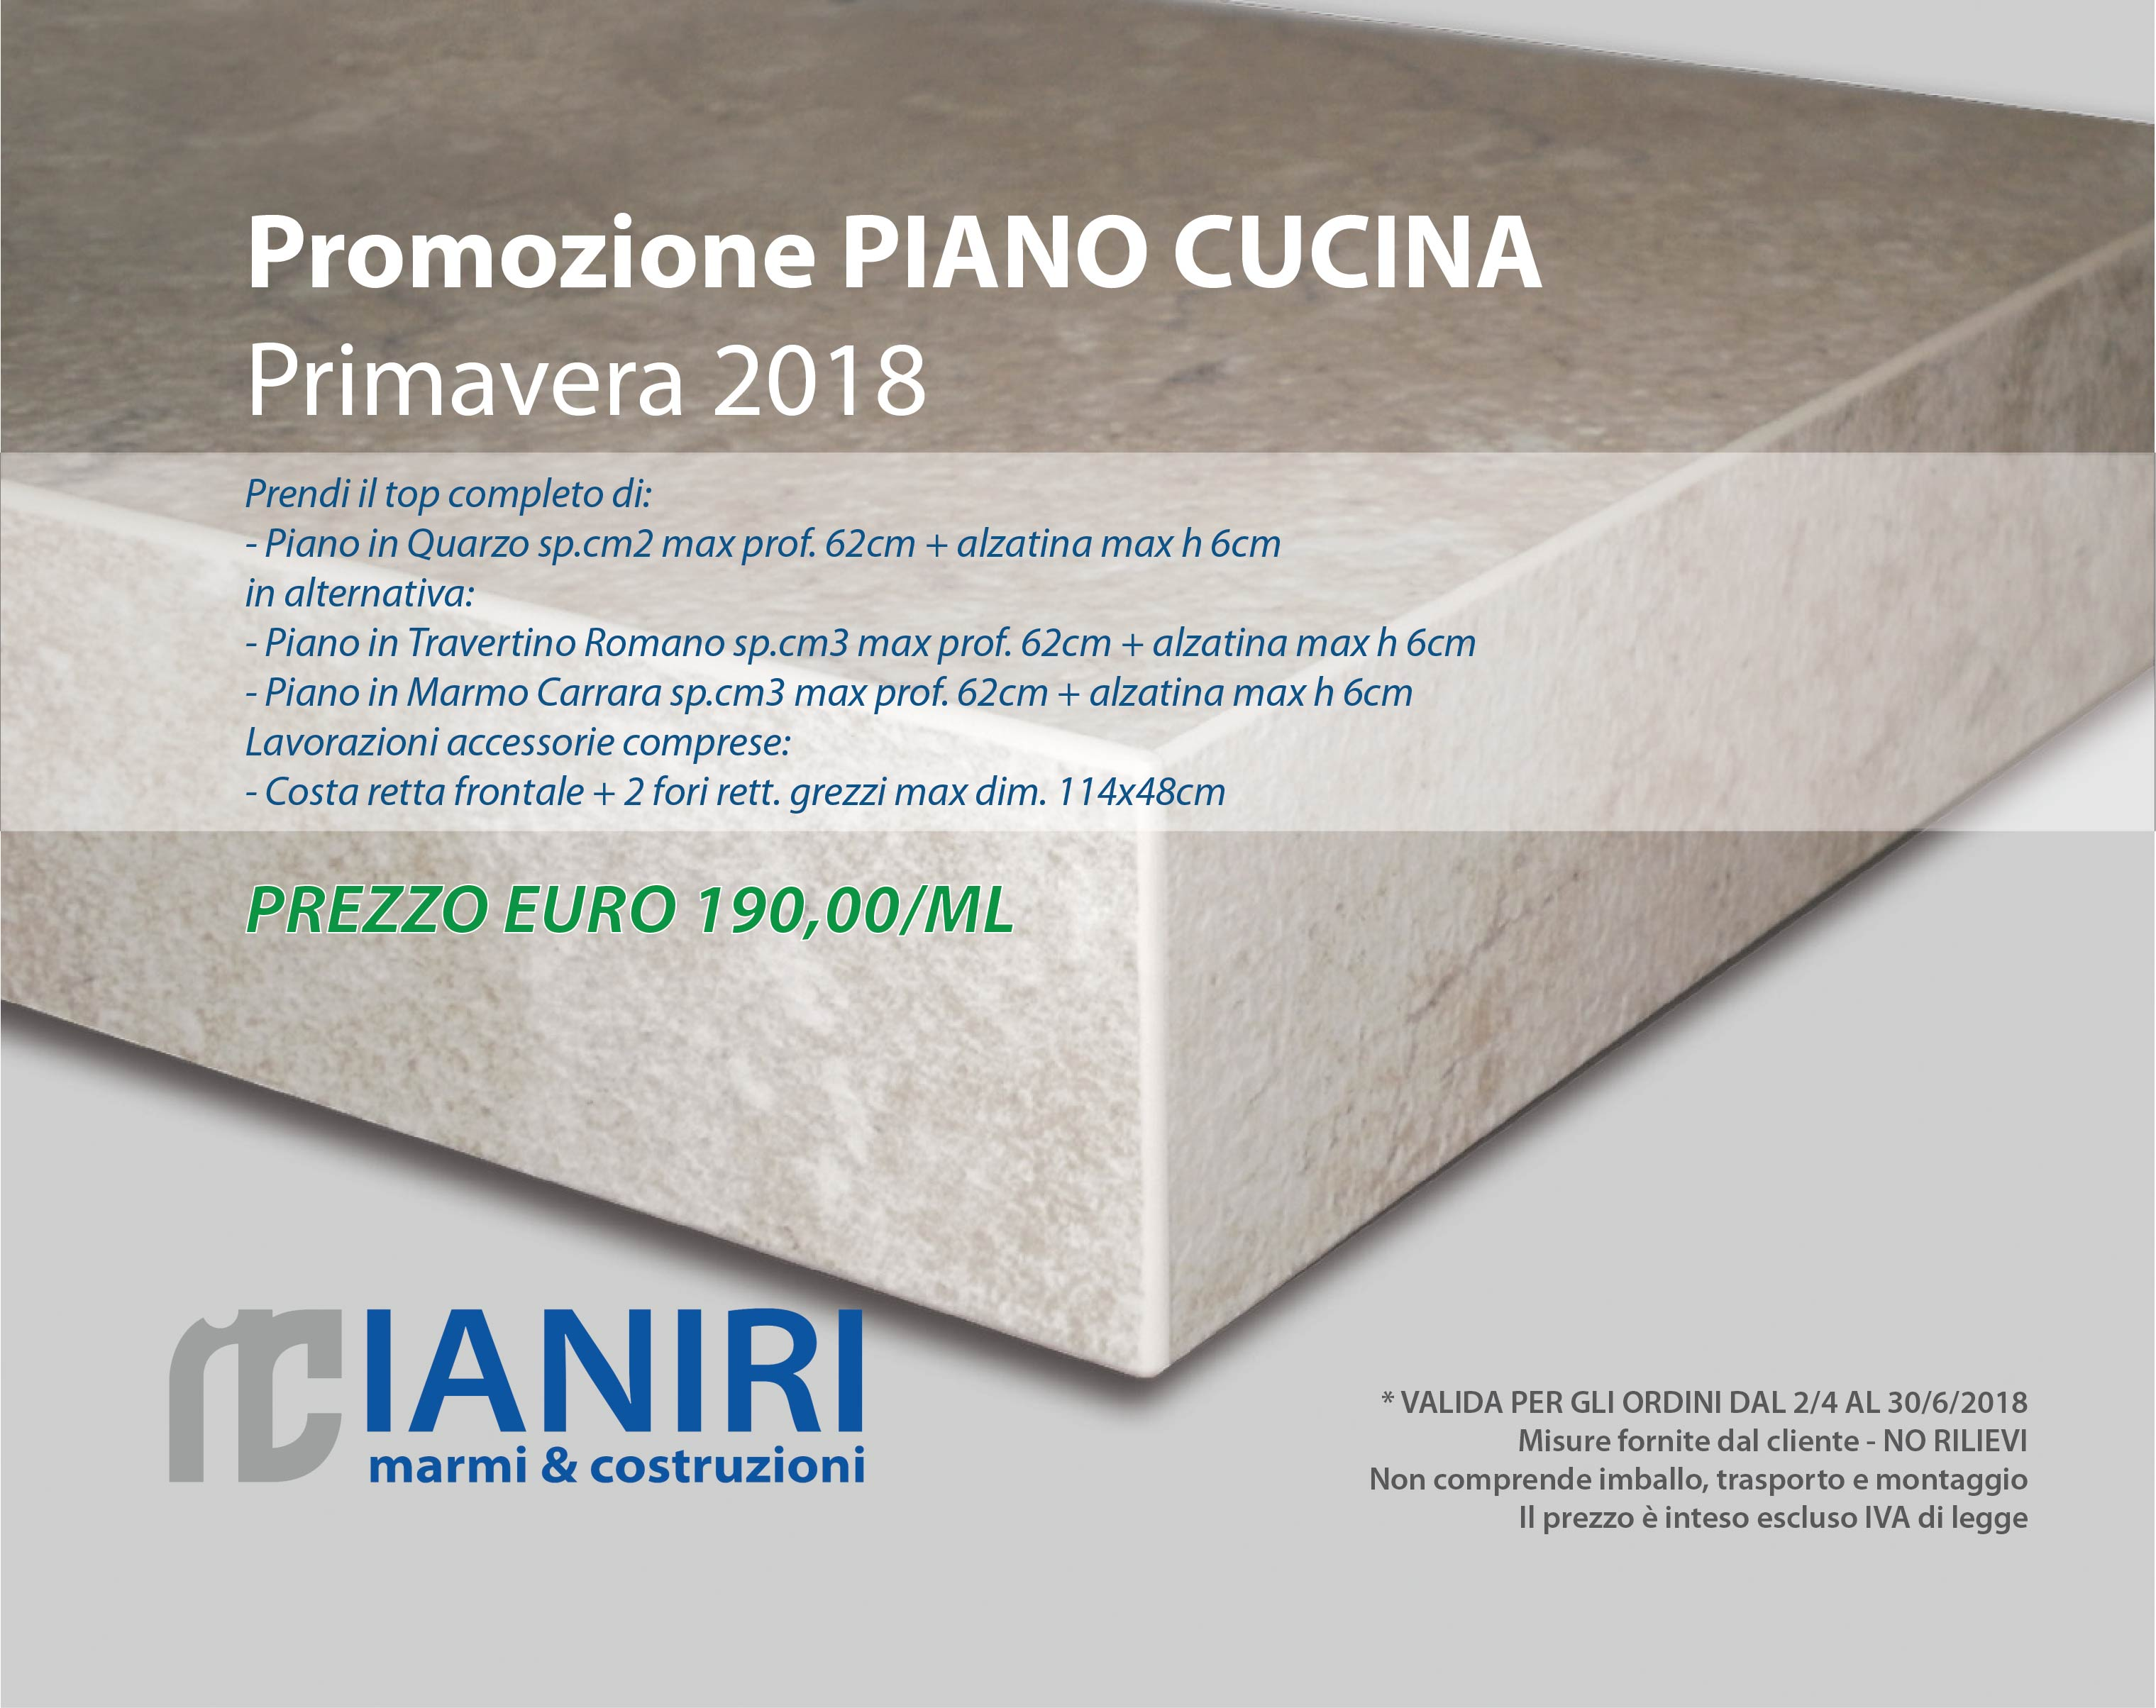 Piano Cucina In Marmo Travertino.Promozione Piano Cucina Primavera 2018 Ianiri Marmi Costruzioni